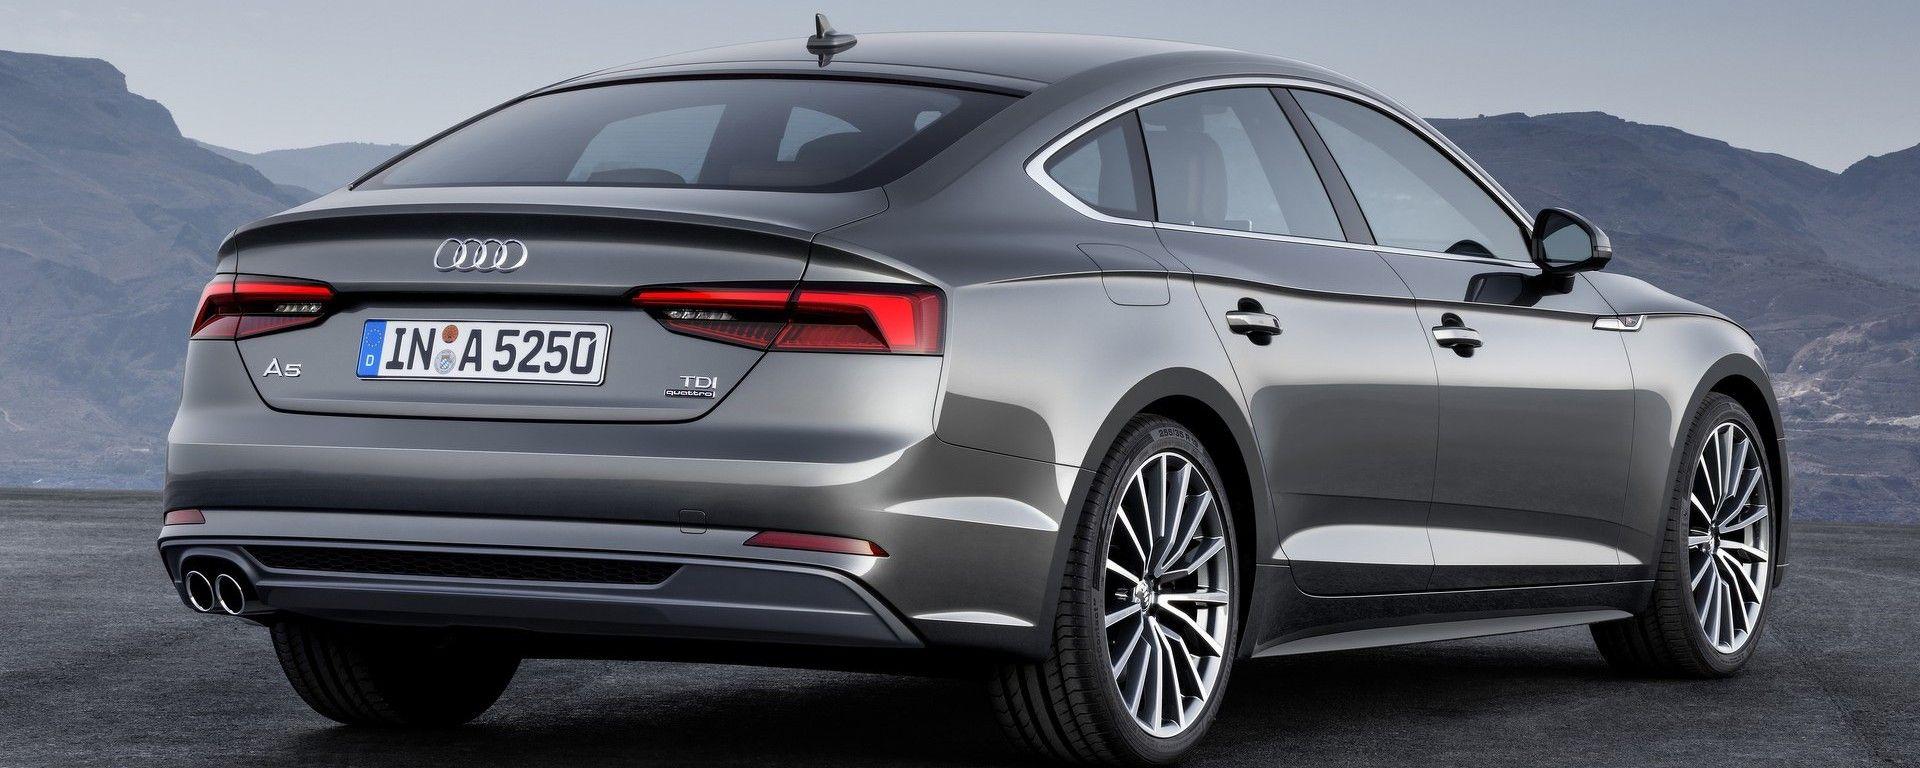 Audi A5 e S5 Sportback 2017, debutto al Salone di Parigi